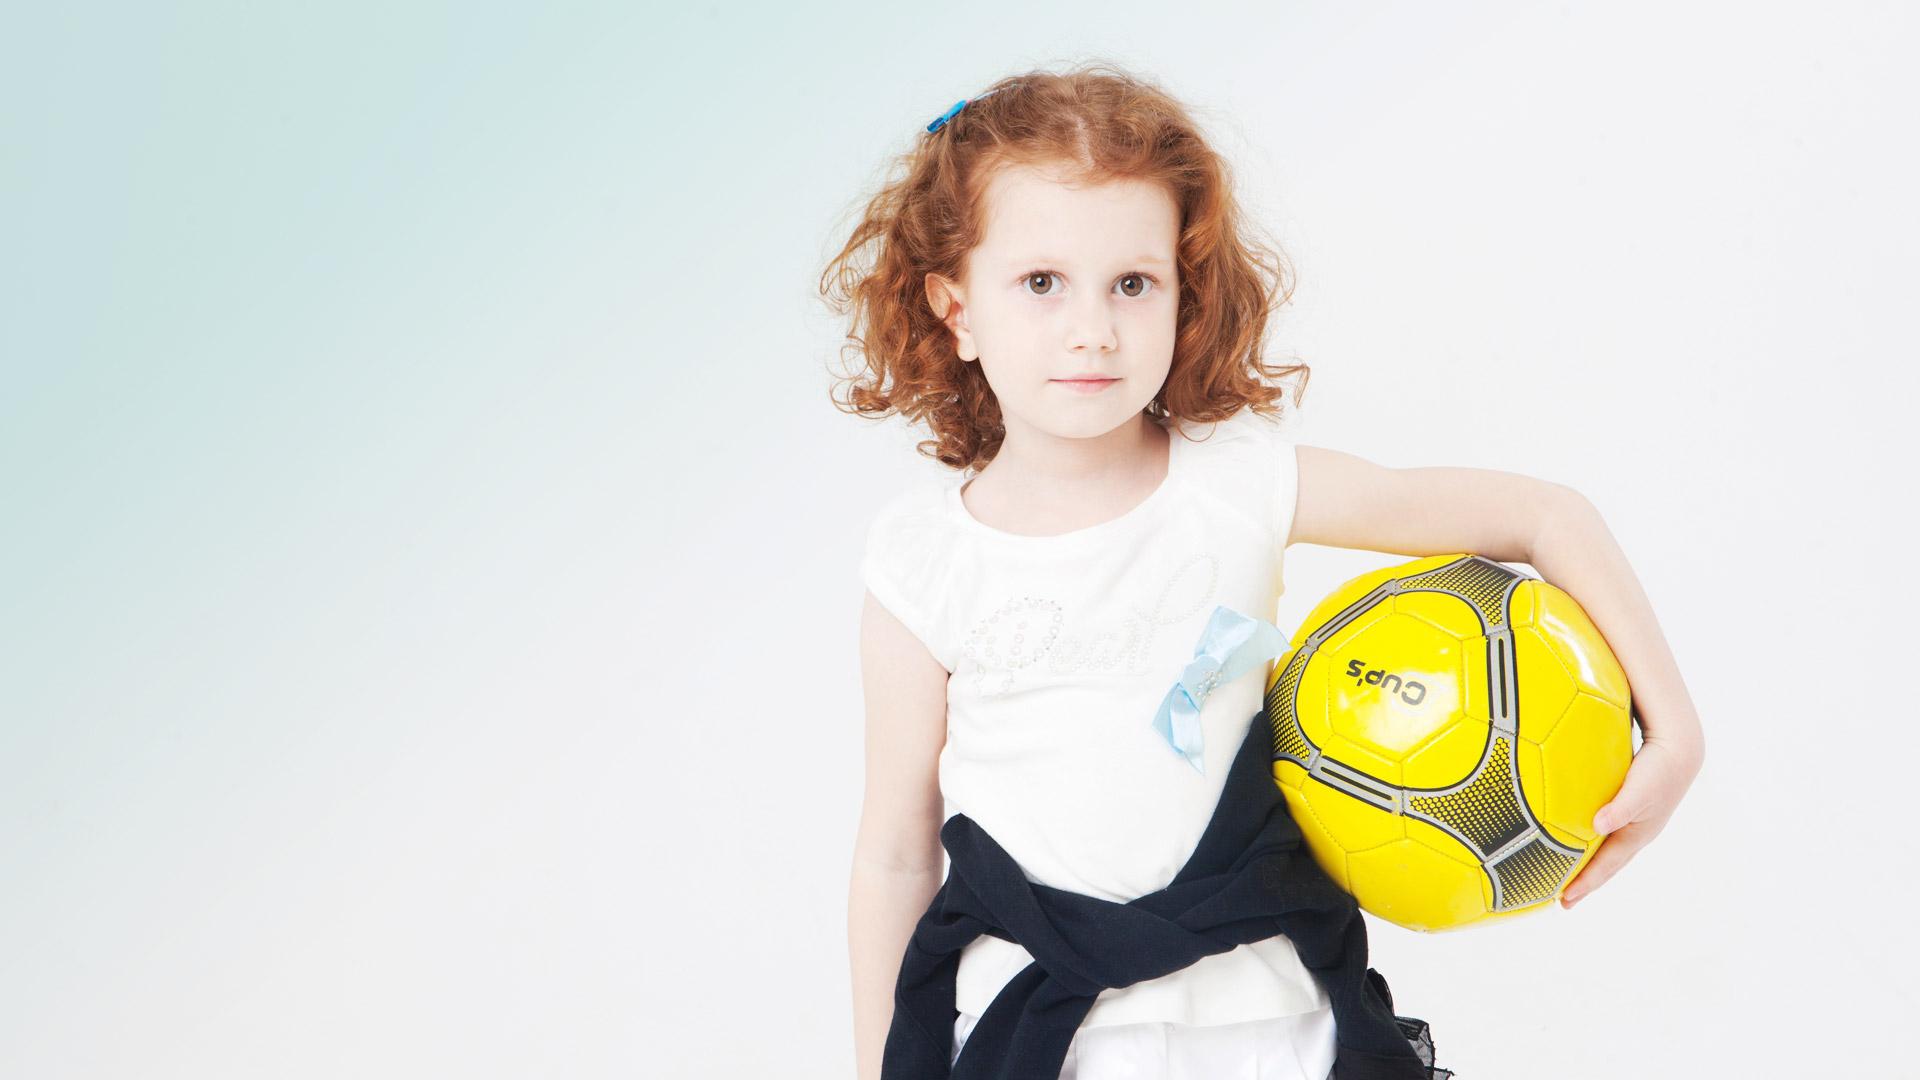 サッカーボールを抱える女の子